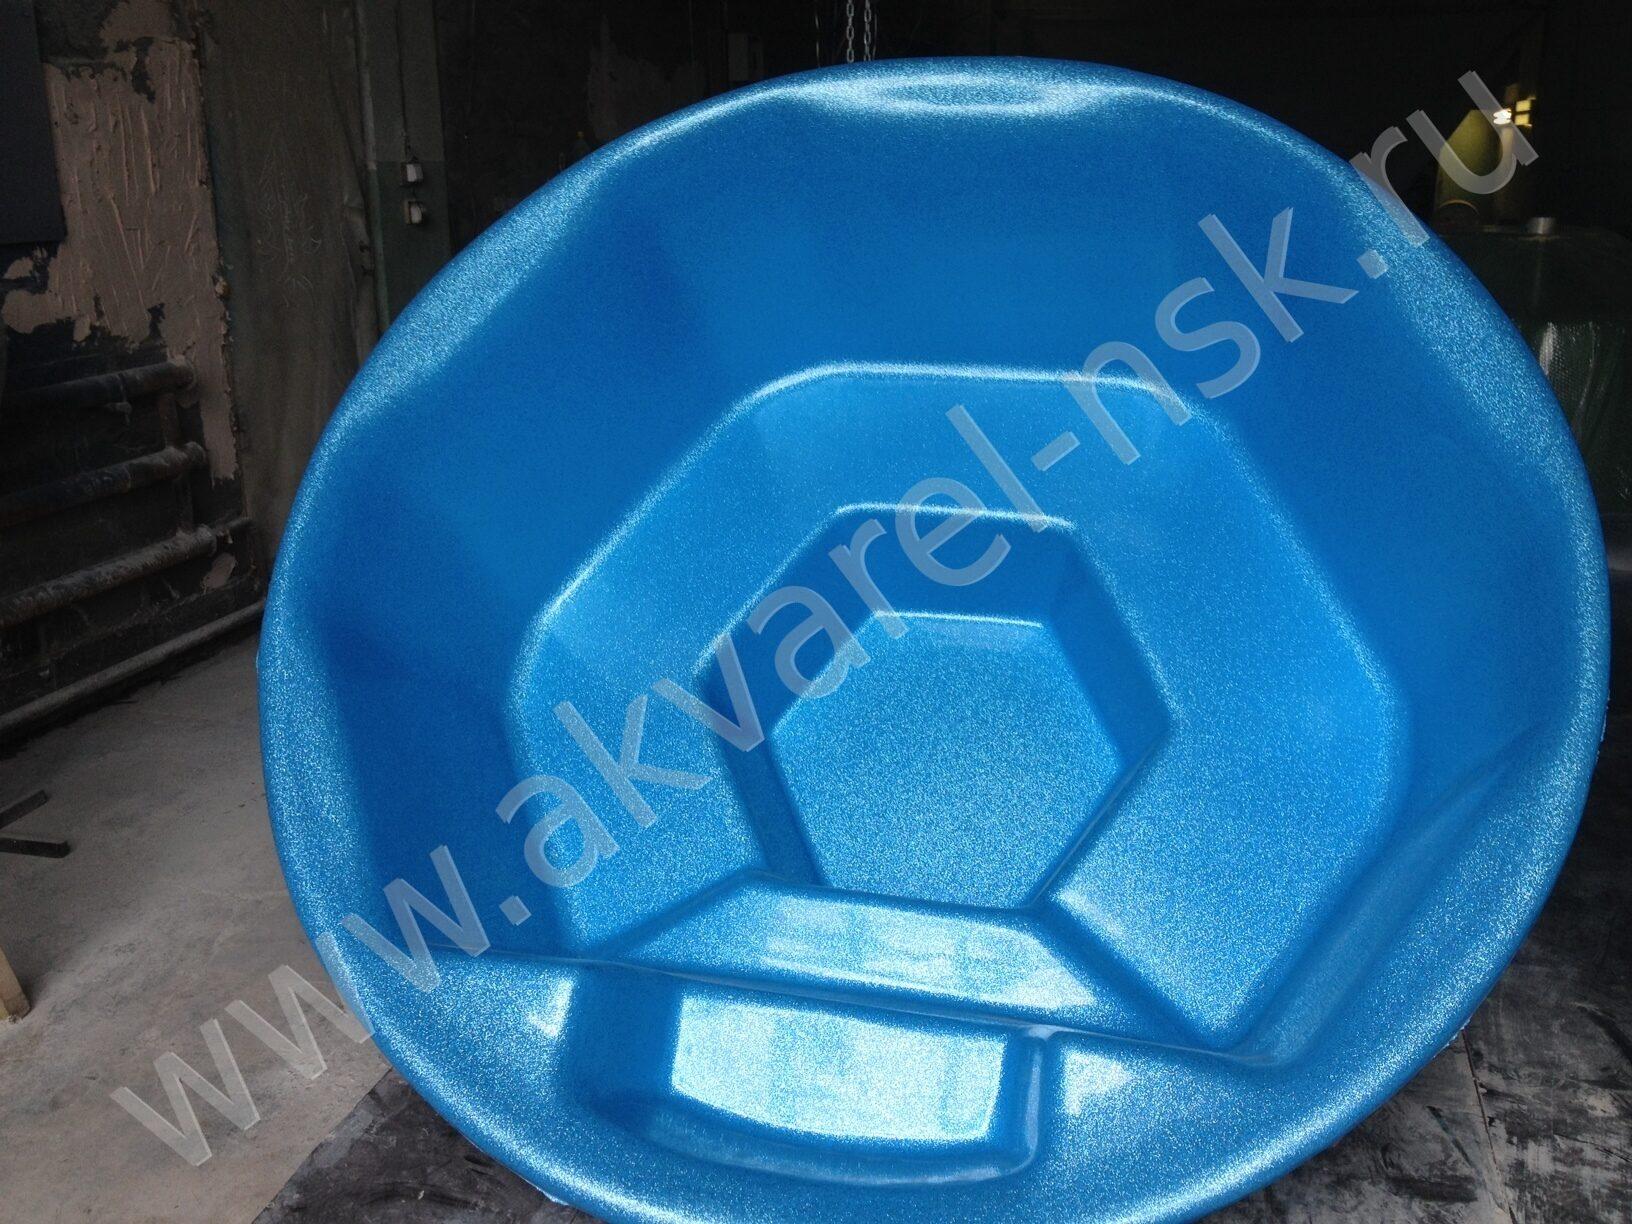 Чаша для бассейна из стекловолокна своими руками 200